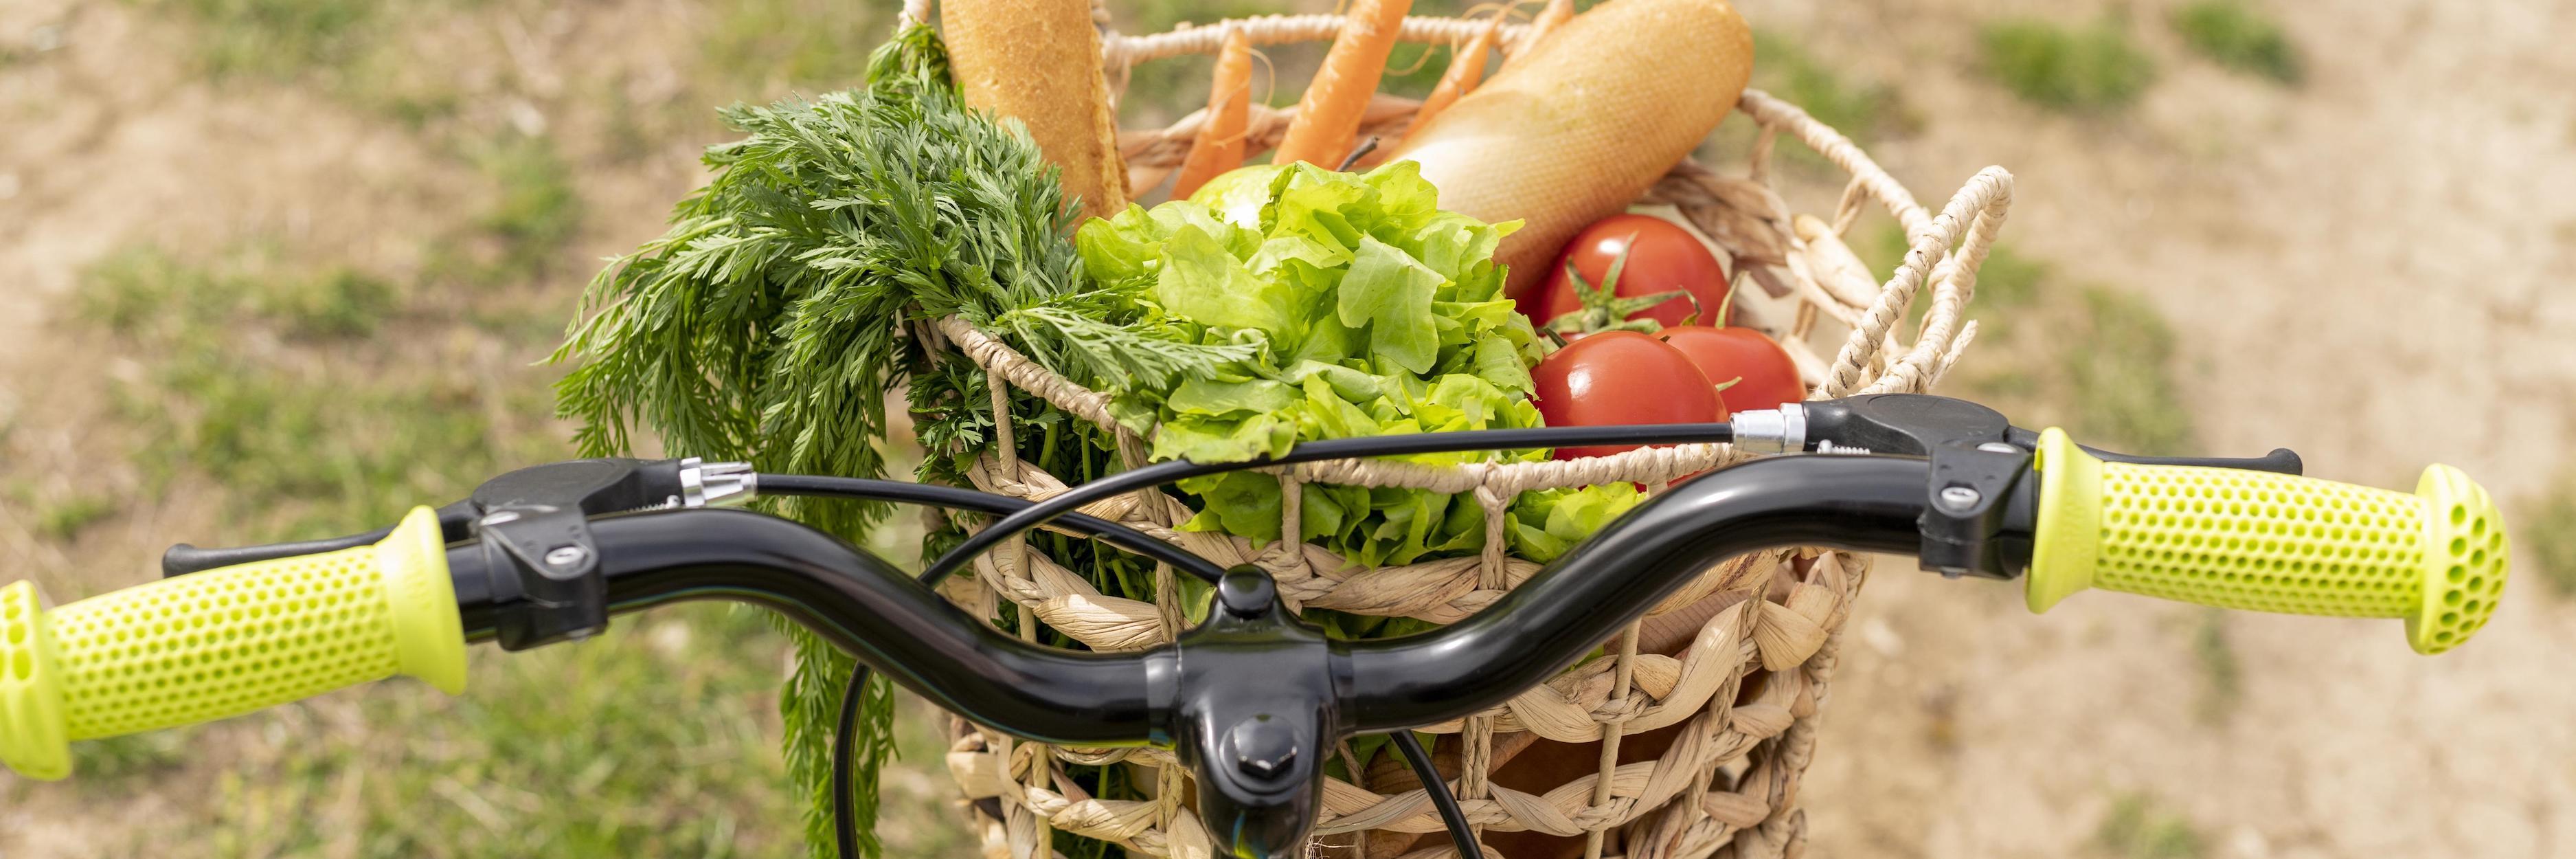 panier de légumes sur un vélo